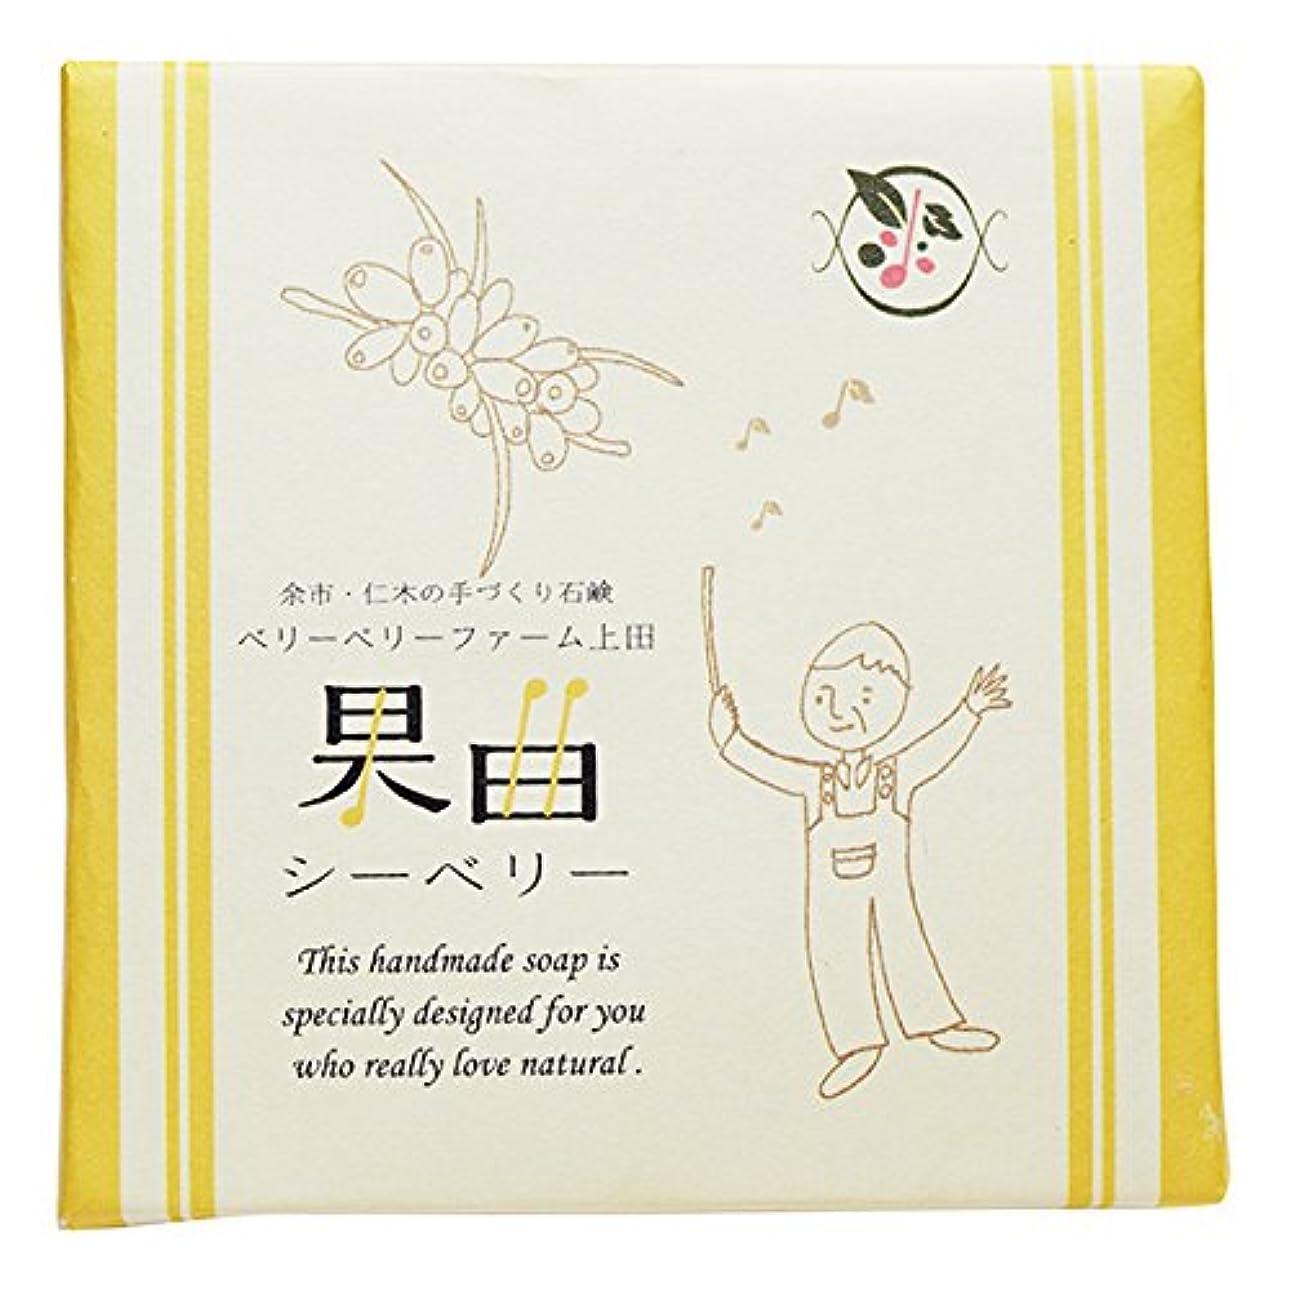 ビジョンたまにカウボーイ余市町仁木のベリーベリーファーム上田との共同開発 果曲(シーベリー)純練り石鹸